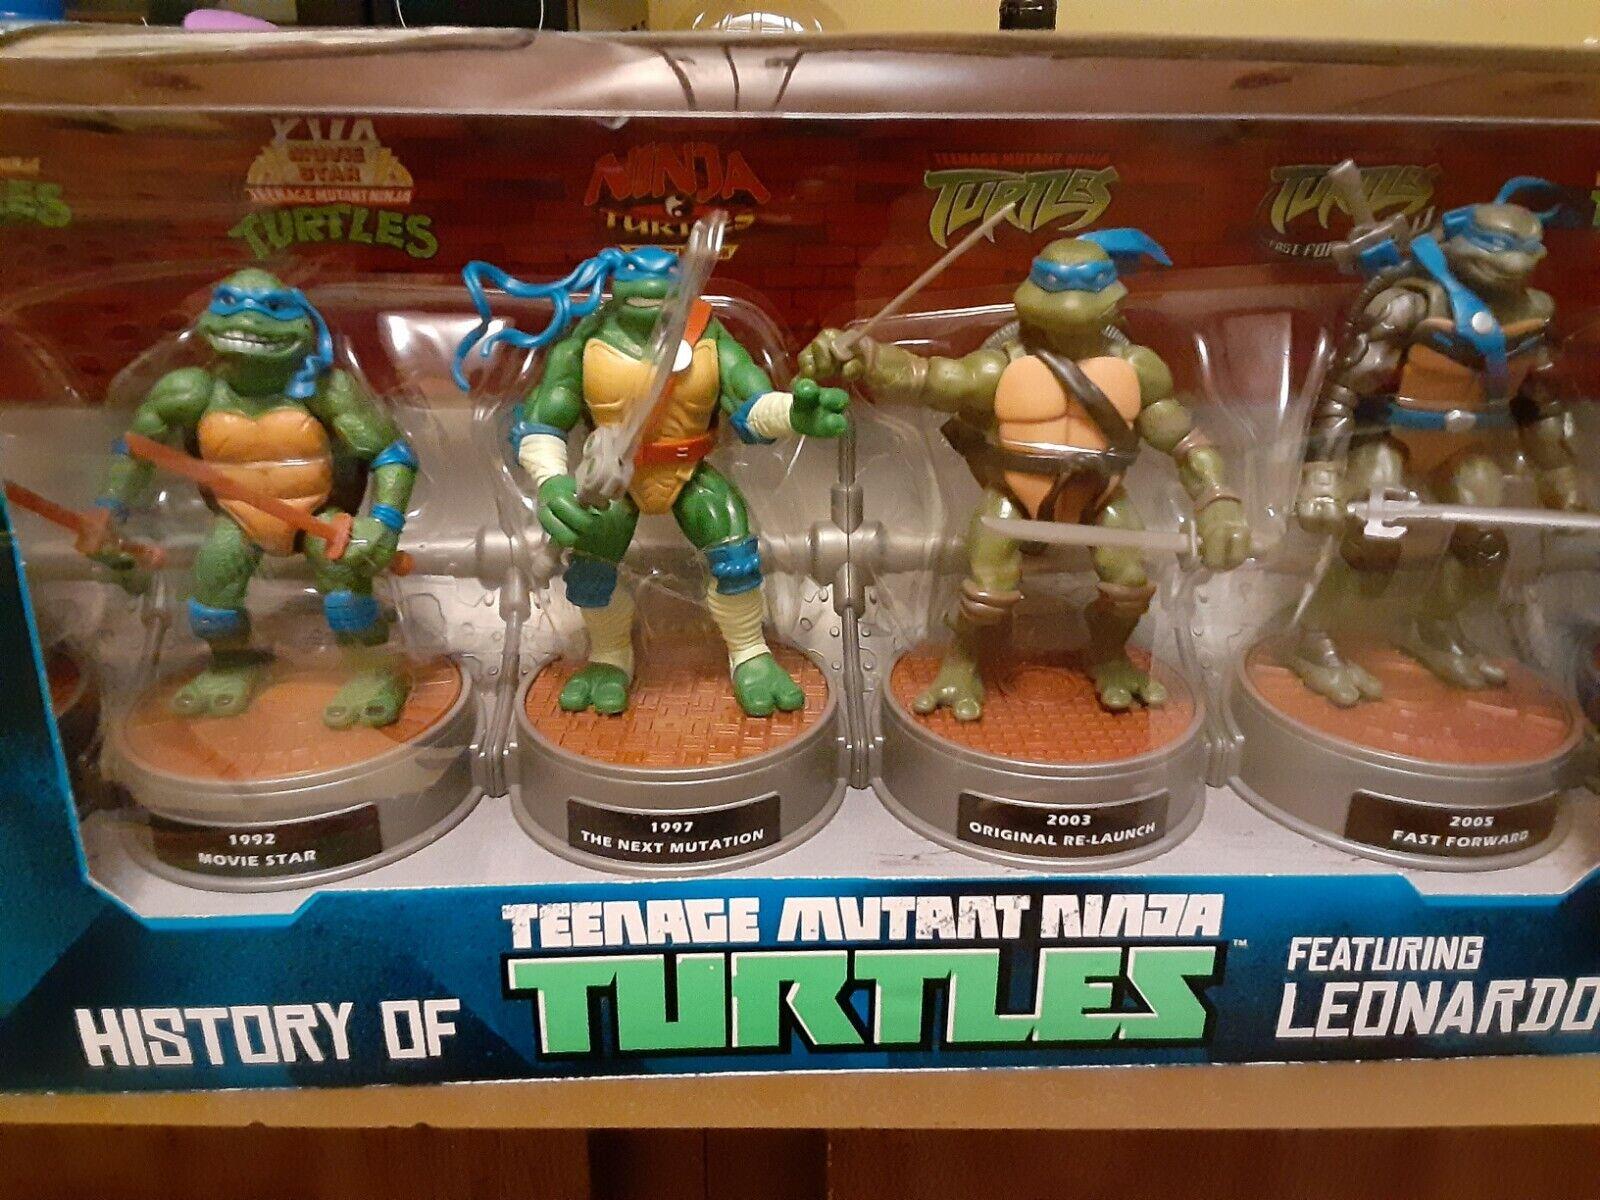 History Of Teenage Mutant Ninja Turtles Featuring Leonardo 1984 To 2014 For Sale Online Ebay